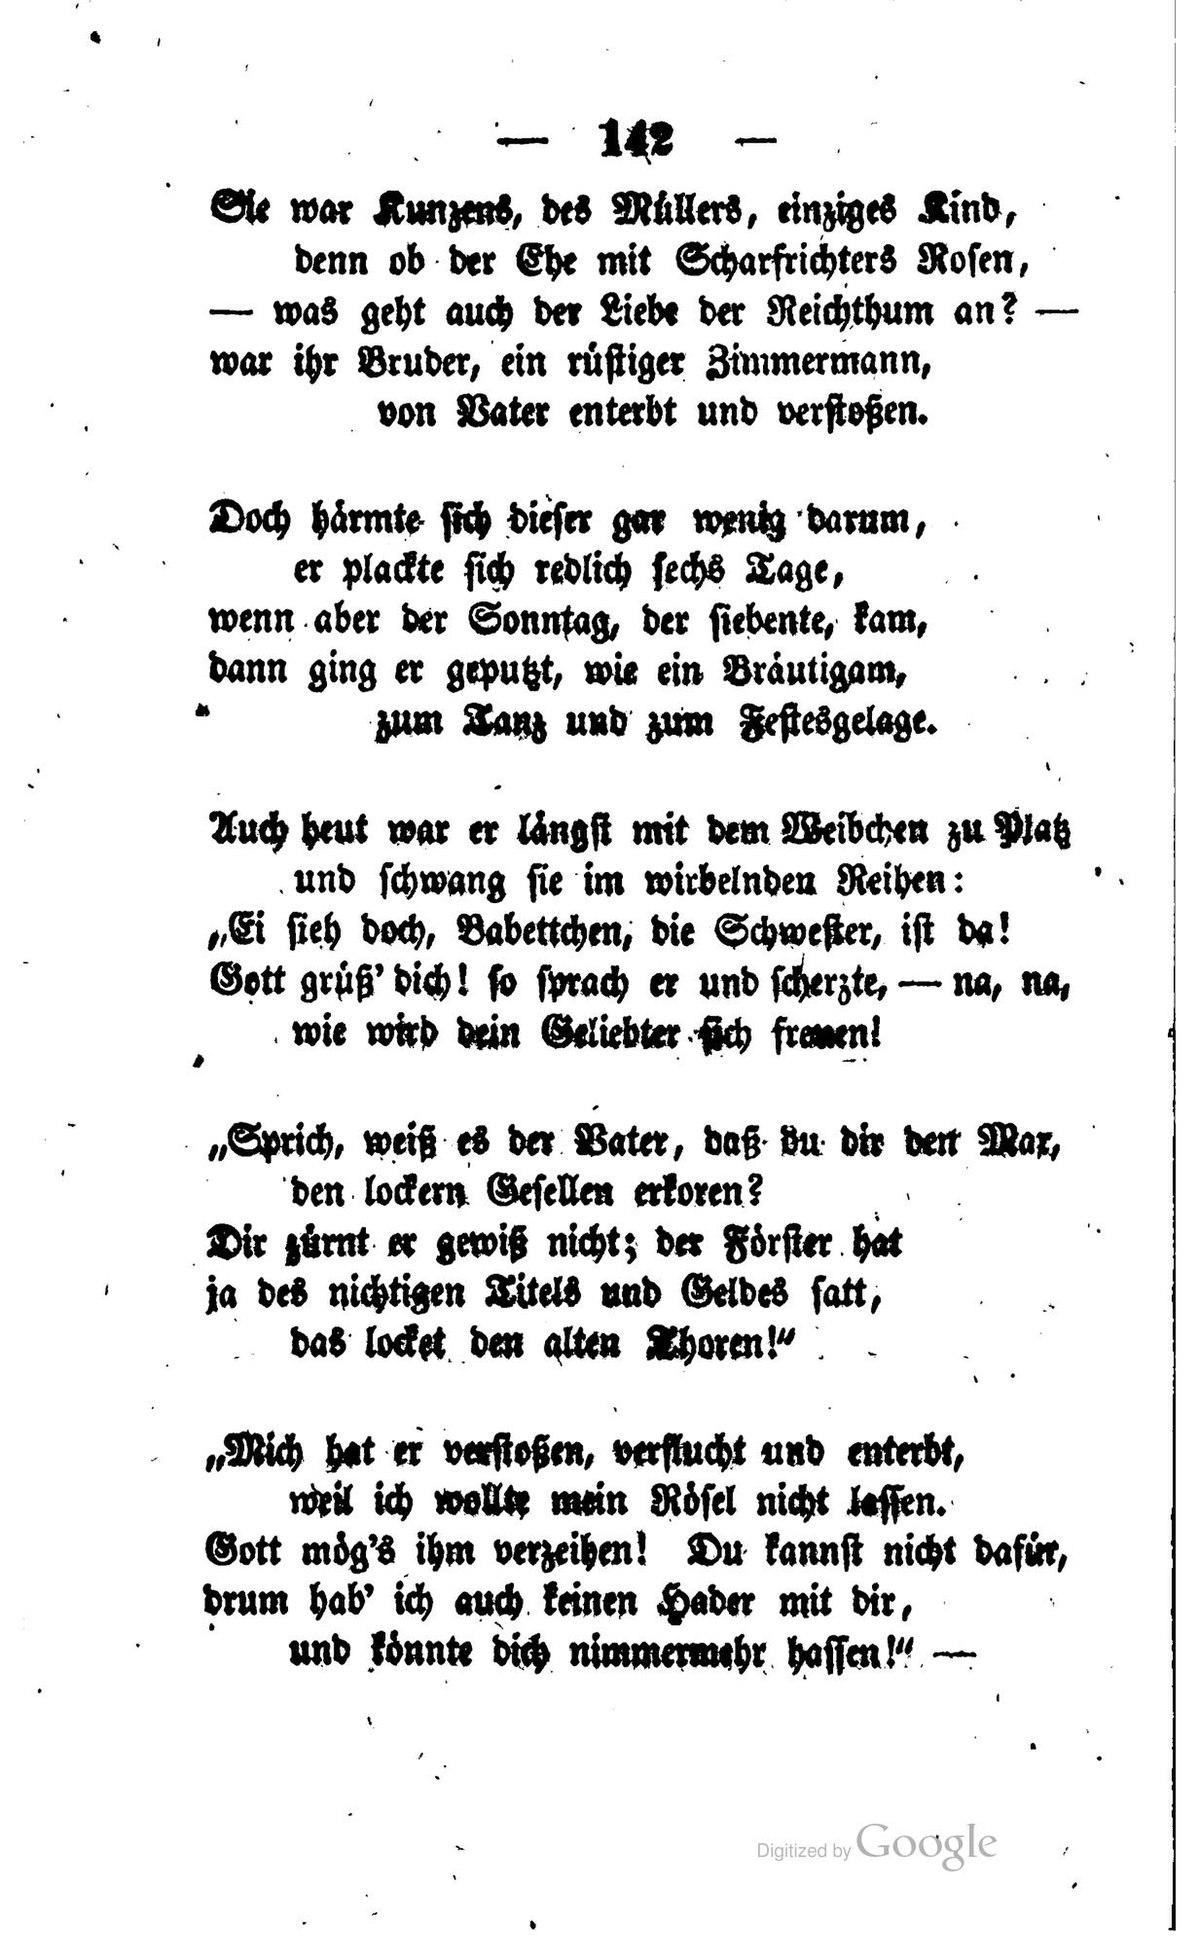 Liebe ja mein gott dich ich Cantata BWV